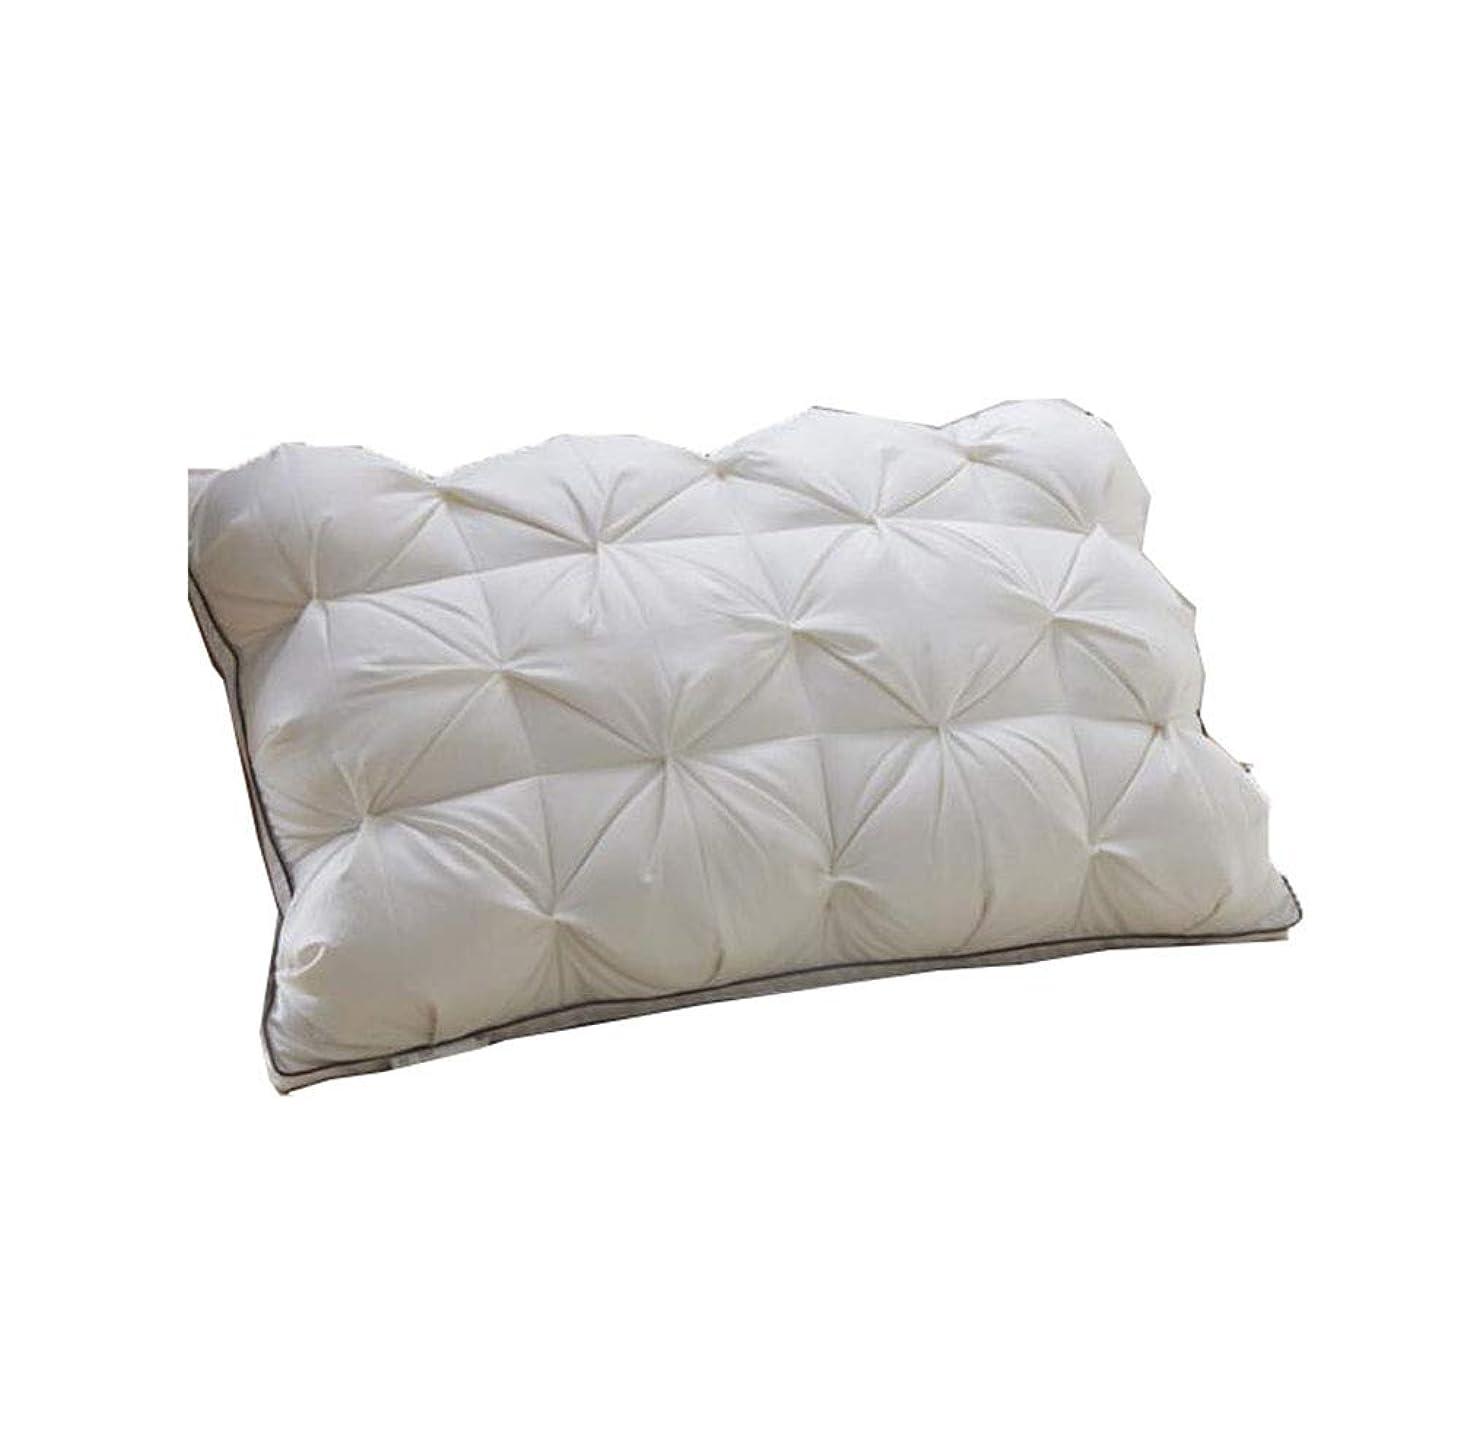 永続味方公然と枕-白いガチョウの羽毛綿ダウン枕ダウン枕コア大人のホテルに適した1個